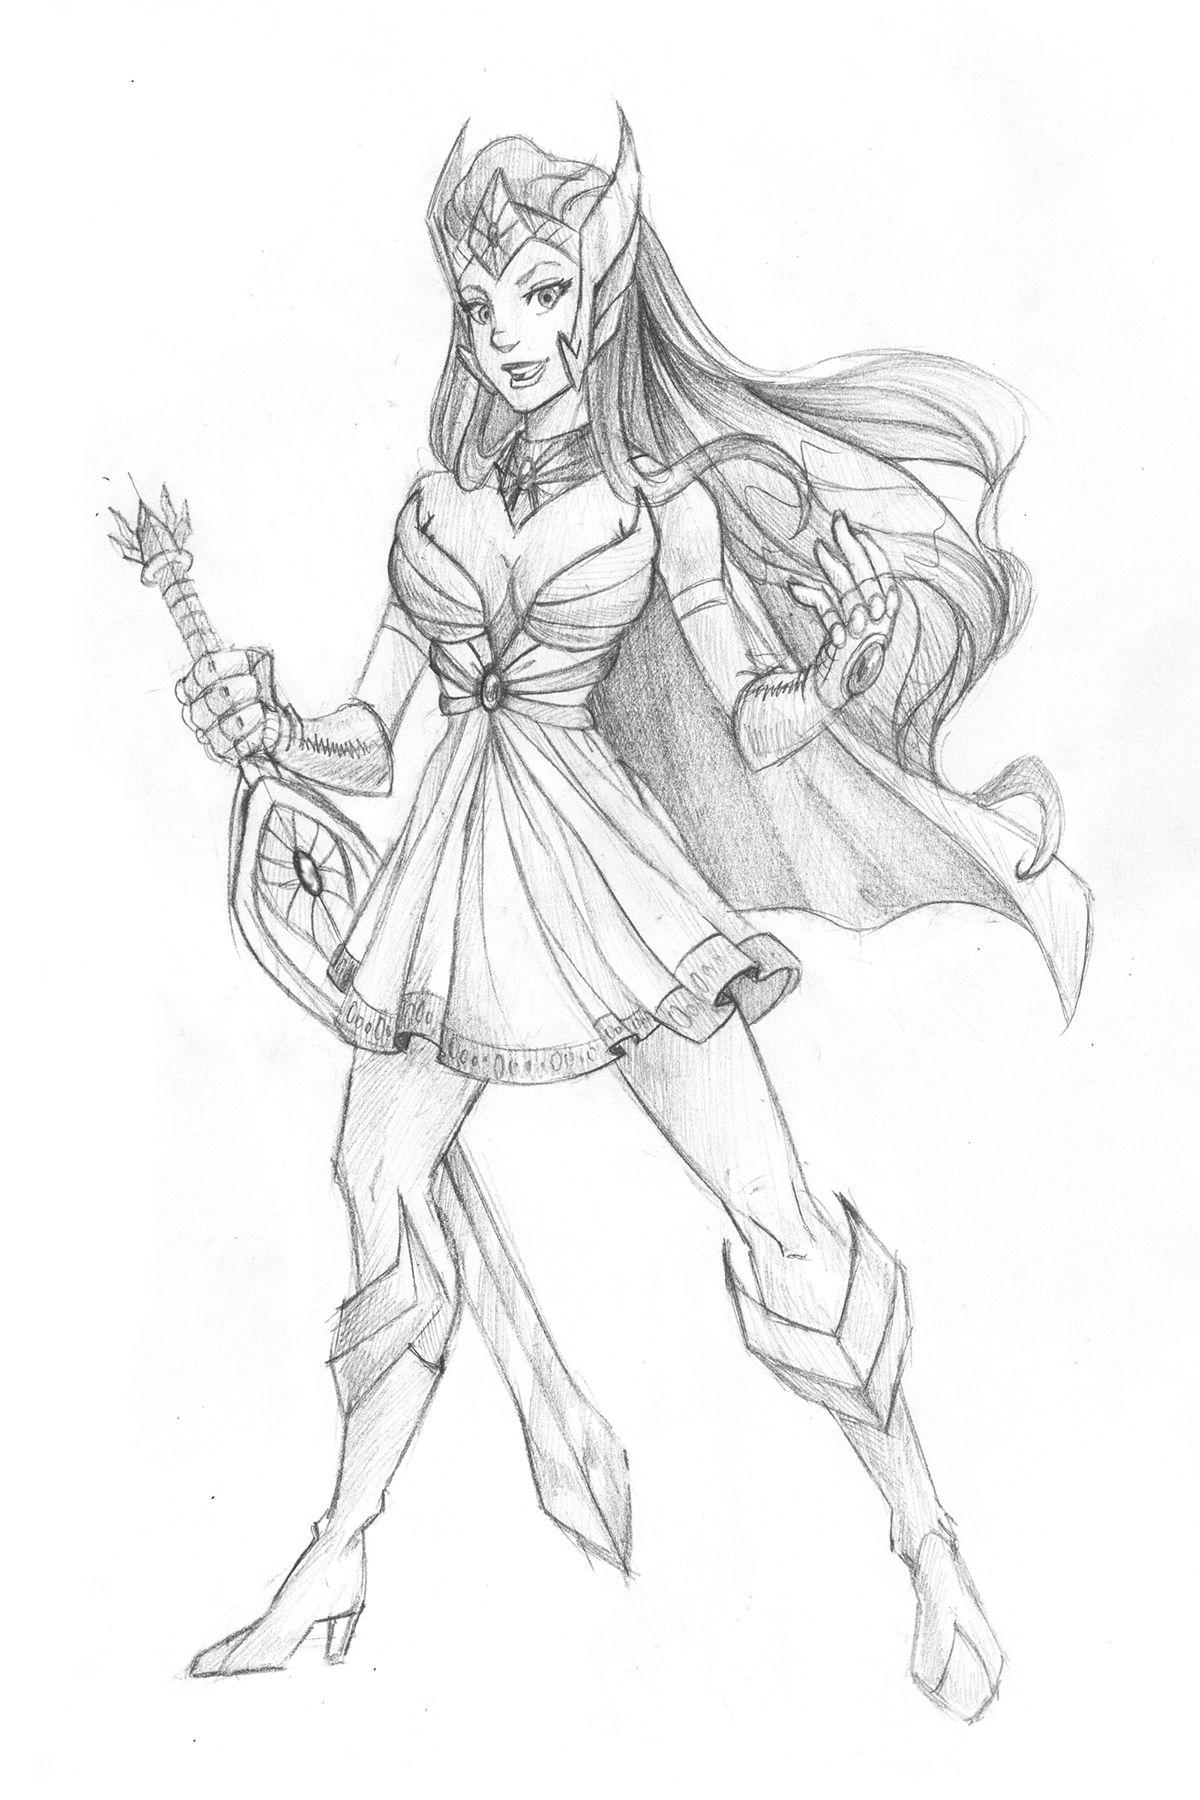 Shera, The Princess of the Power imagens) Desenhos